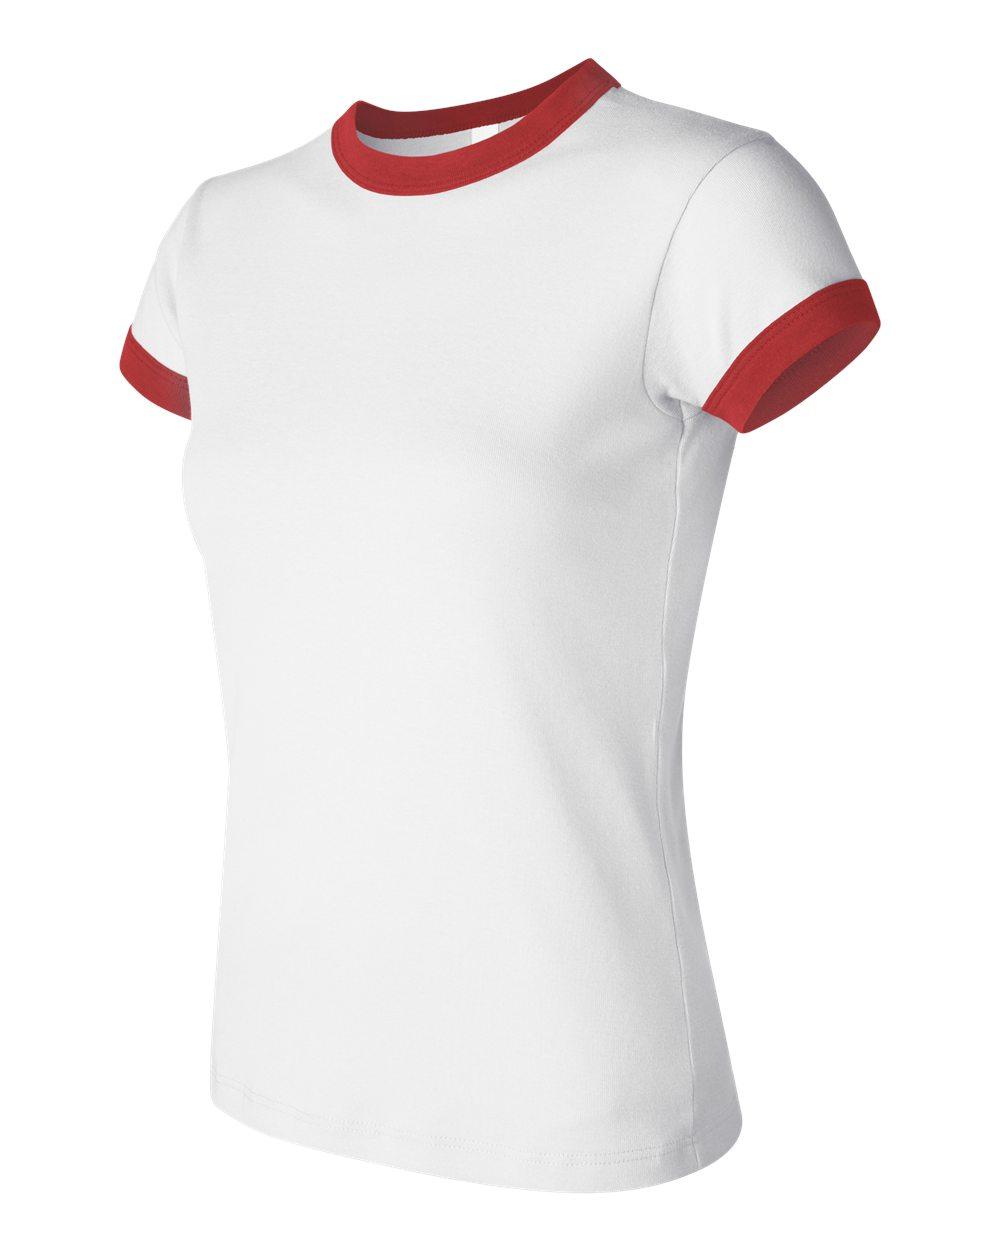 Bella 1007 White - Red